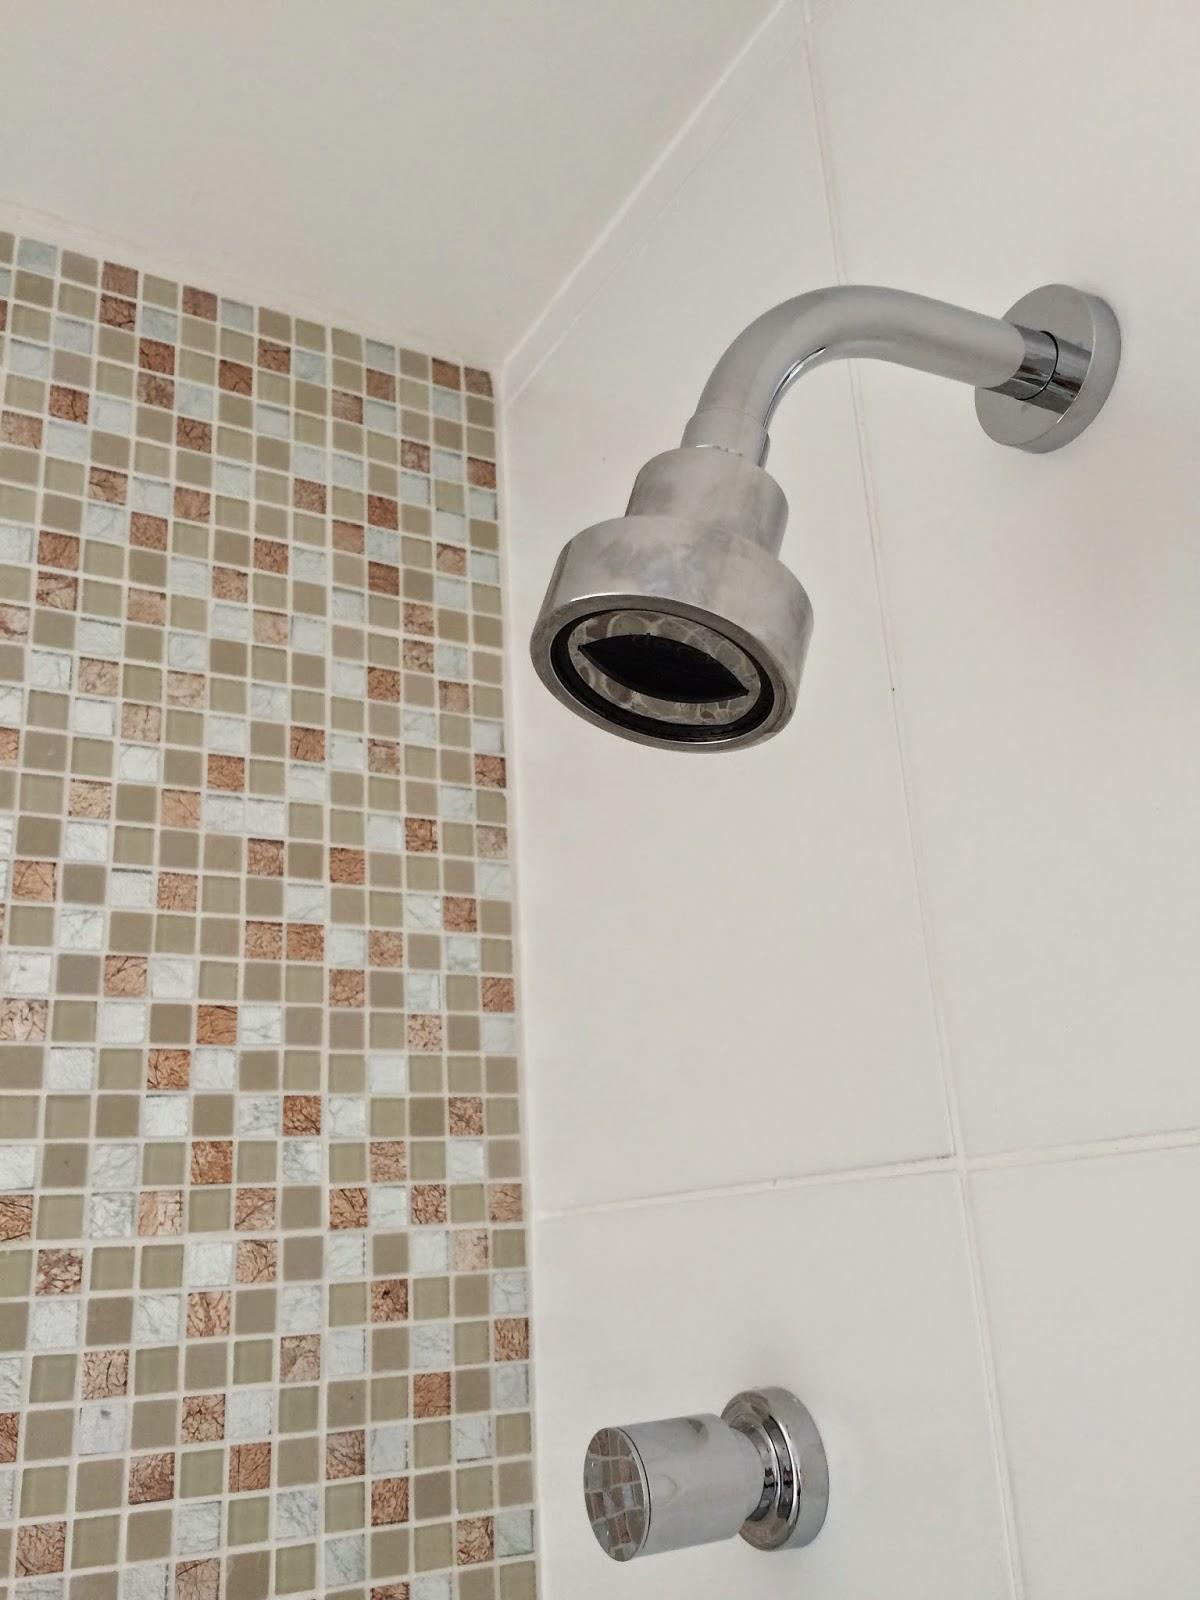 Apê 114: Duchas e Acessórios dos banheiros instalados! #7D614E 1200x1600 Acessorios Banheiro Deca